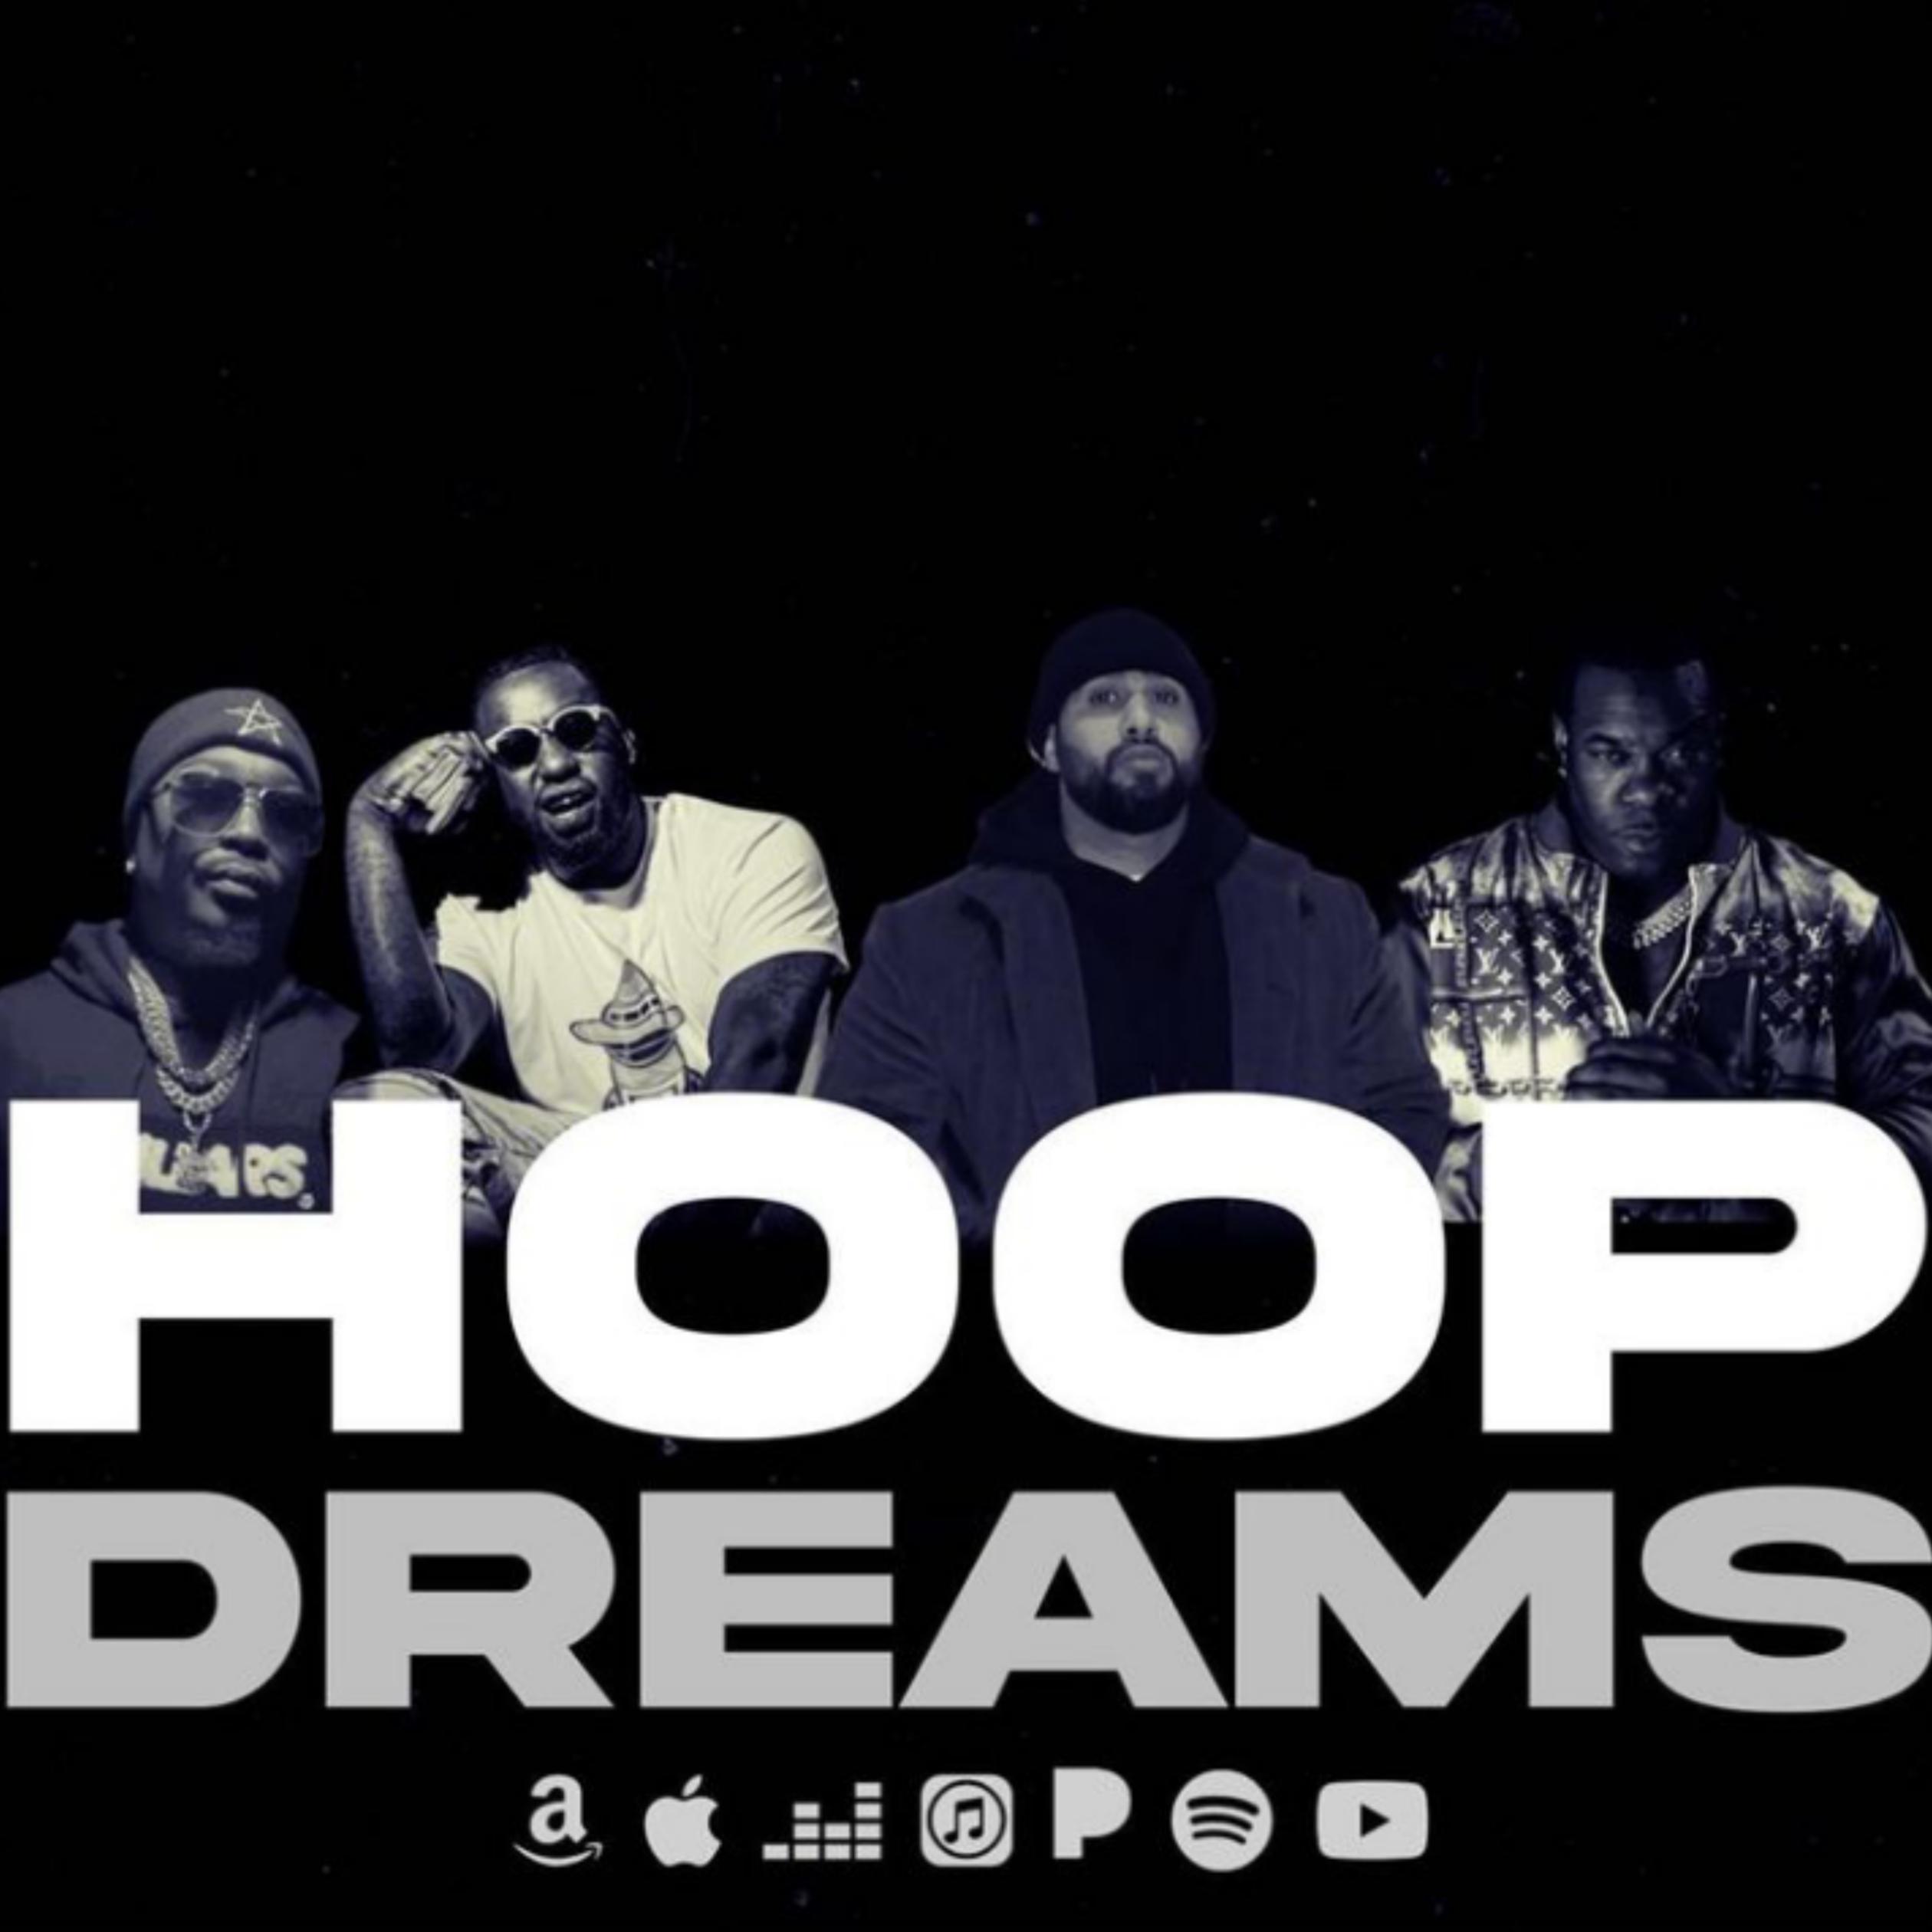 KingDarius TheGreat – Hoop Dreams ft Busta Rhymes